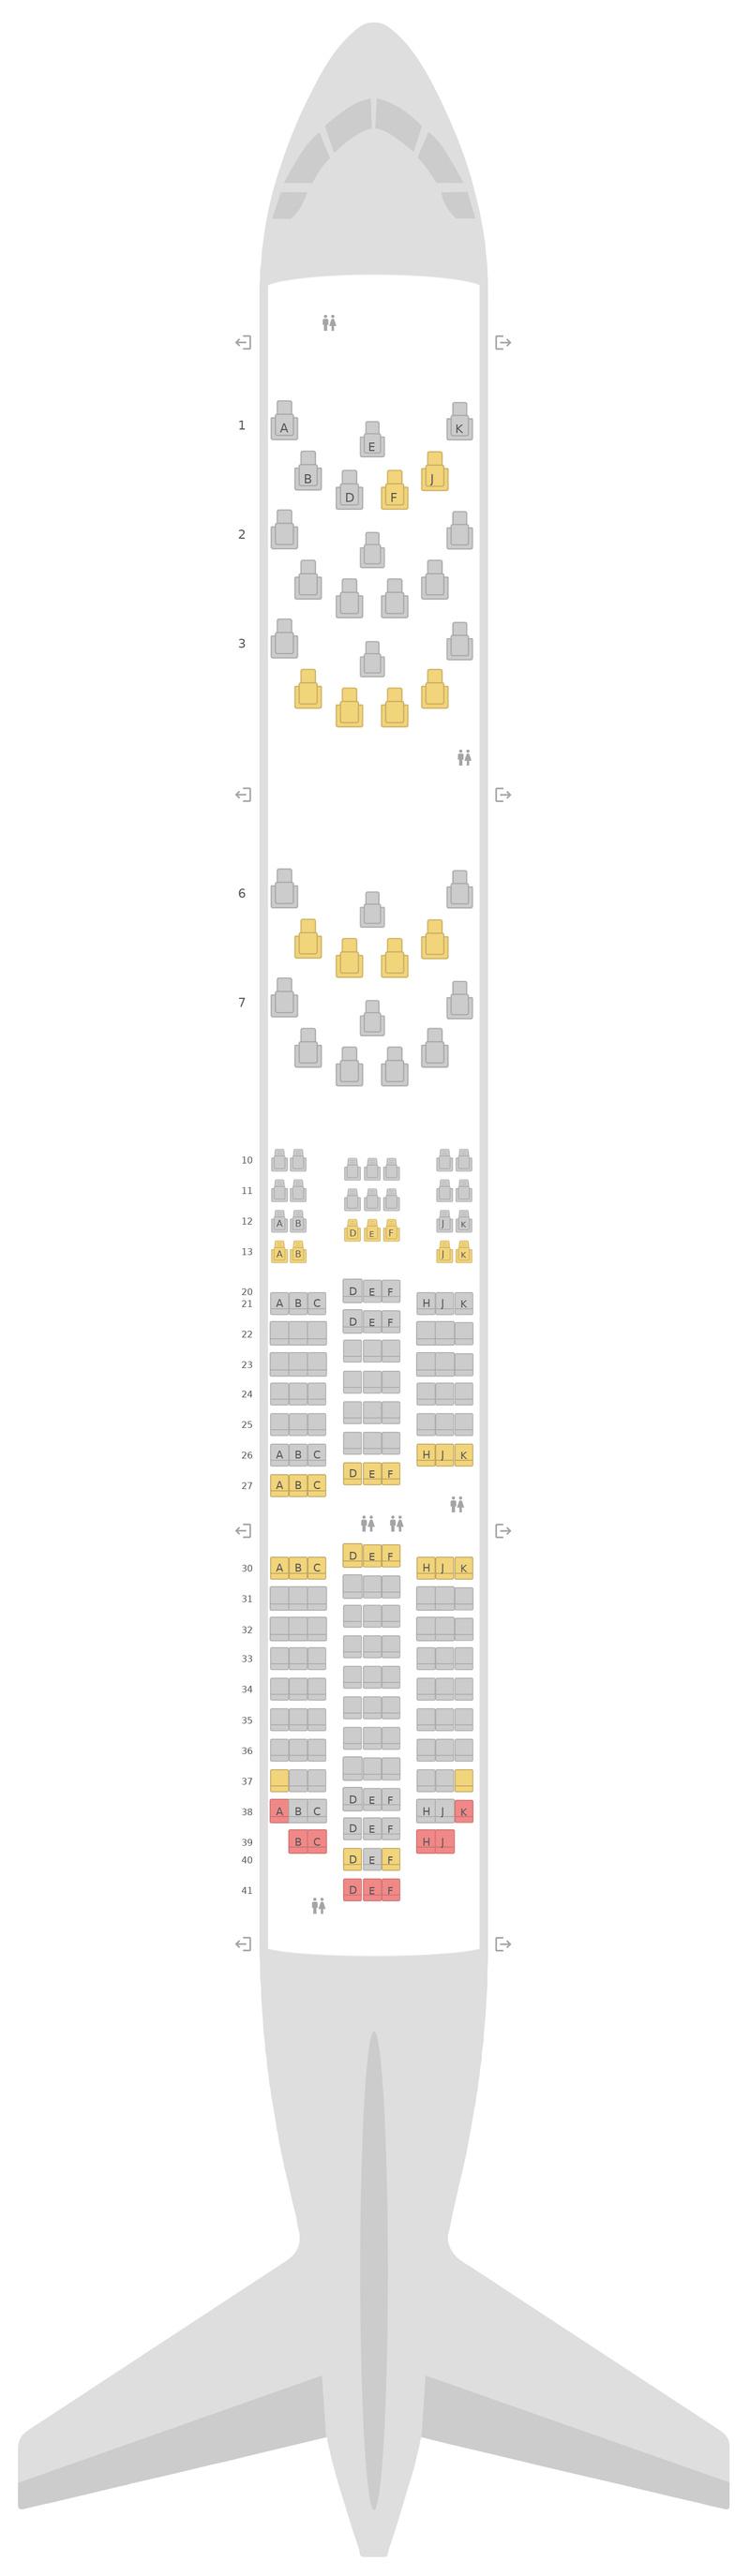 Схема салона Боинг 787-8 (788) Бритиш Эйрвейз